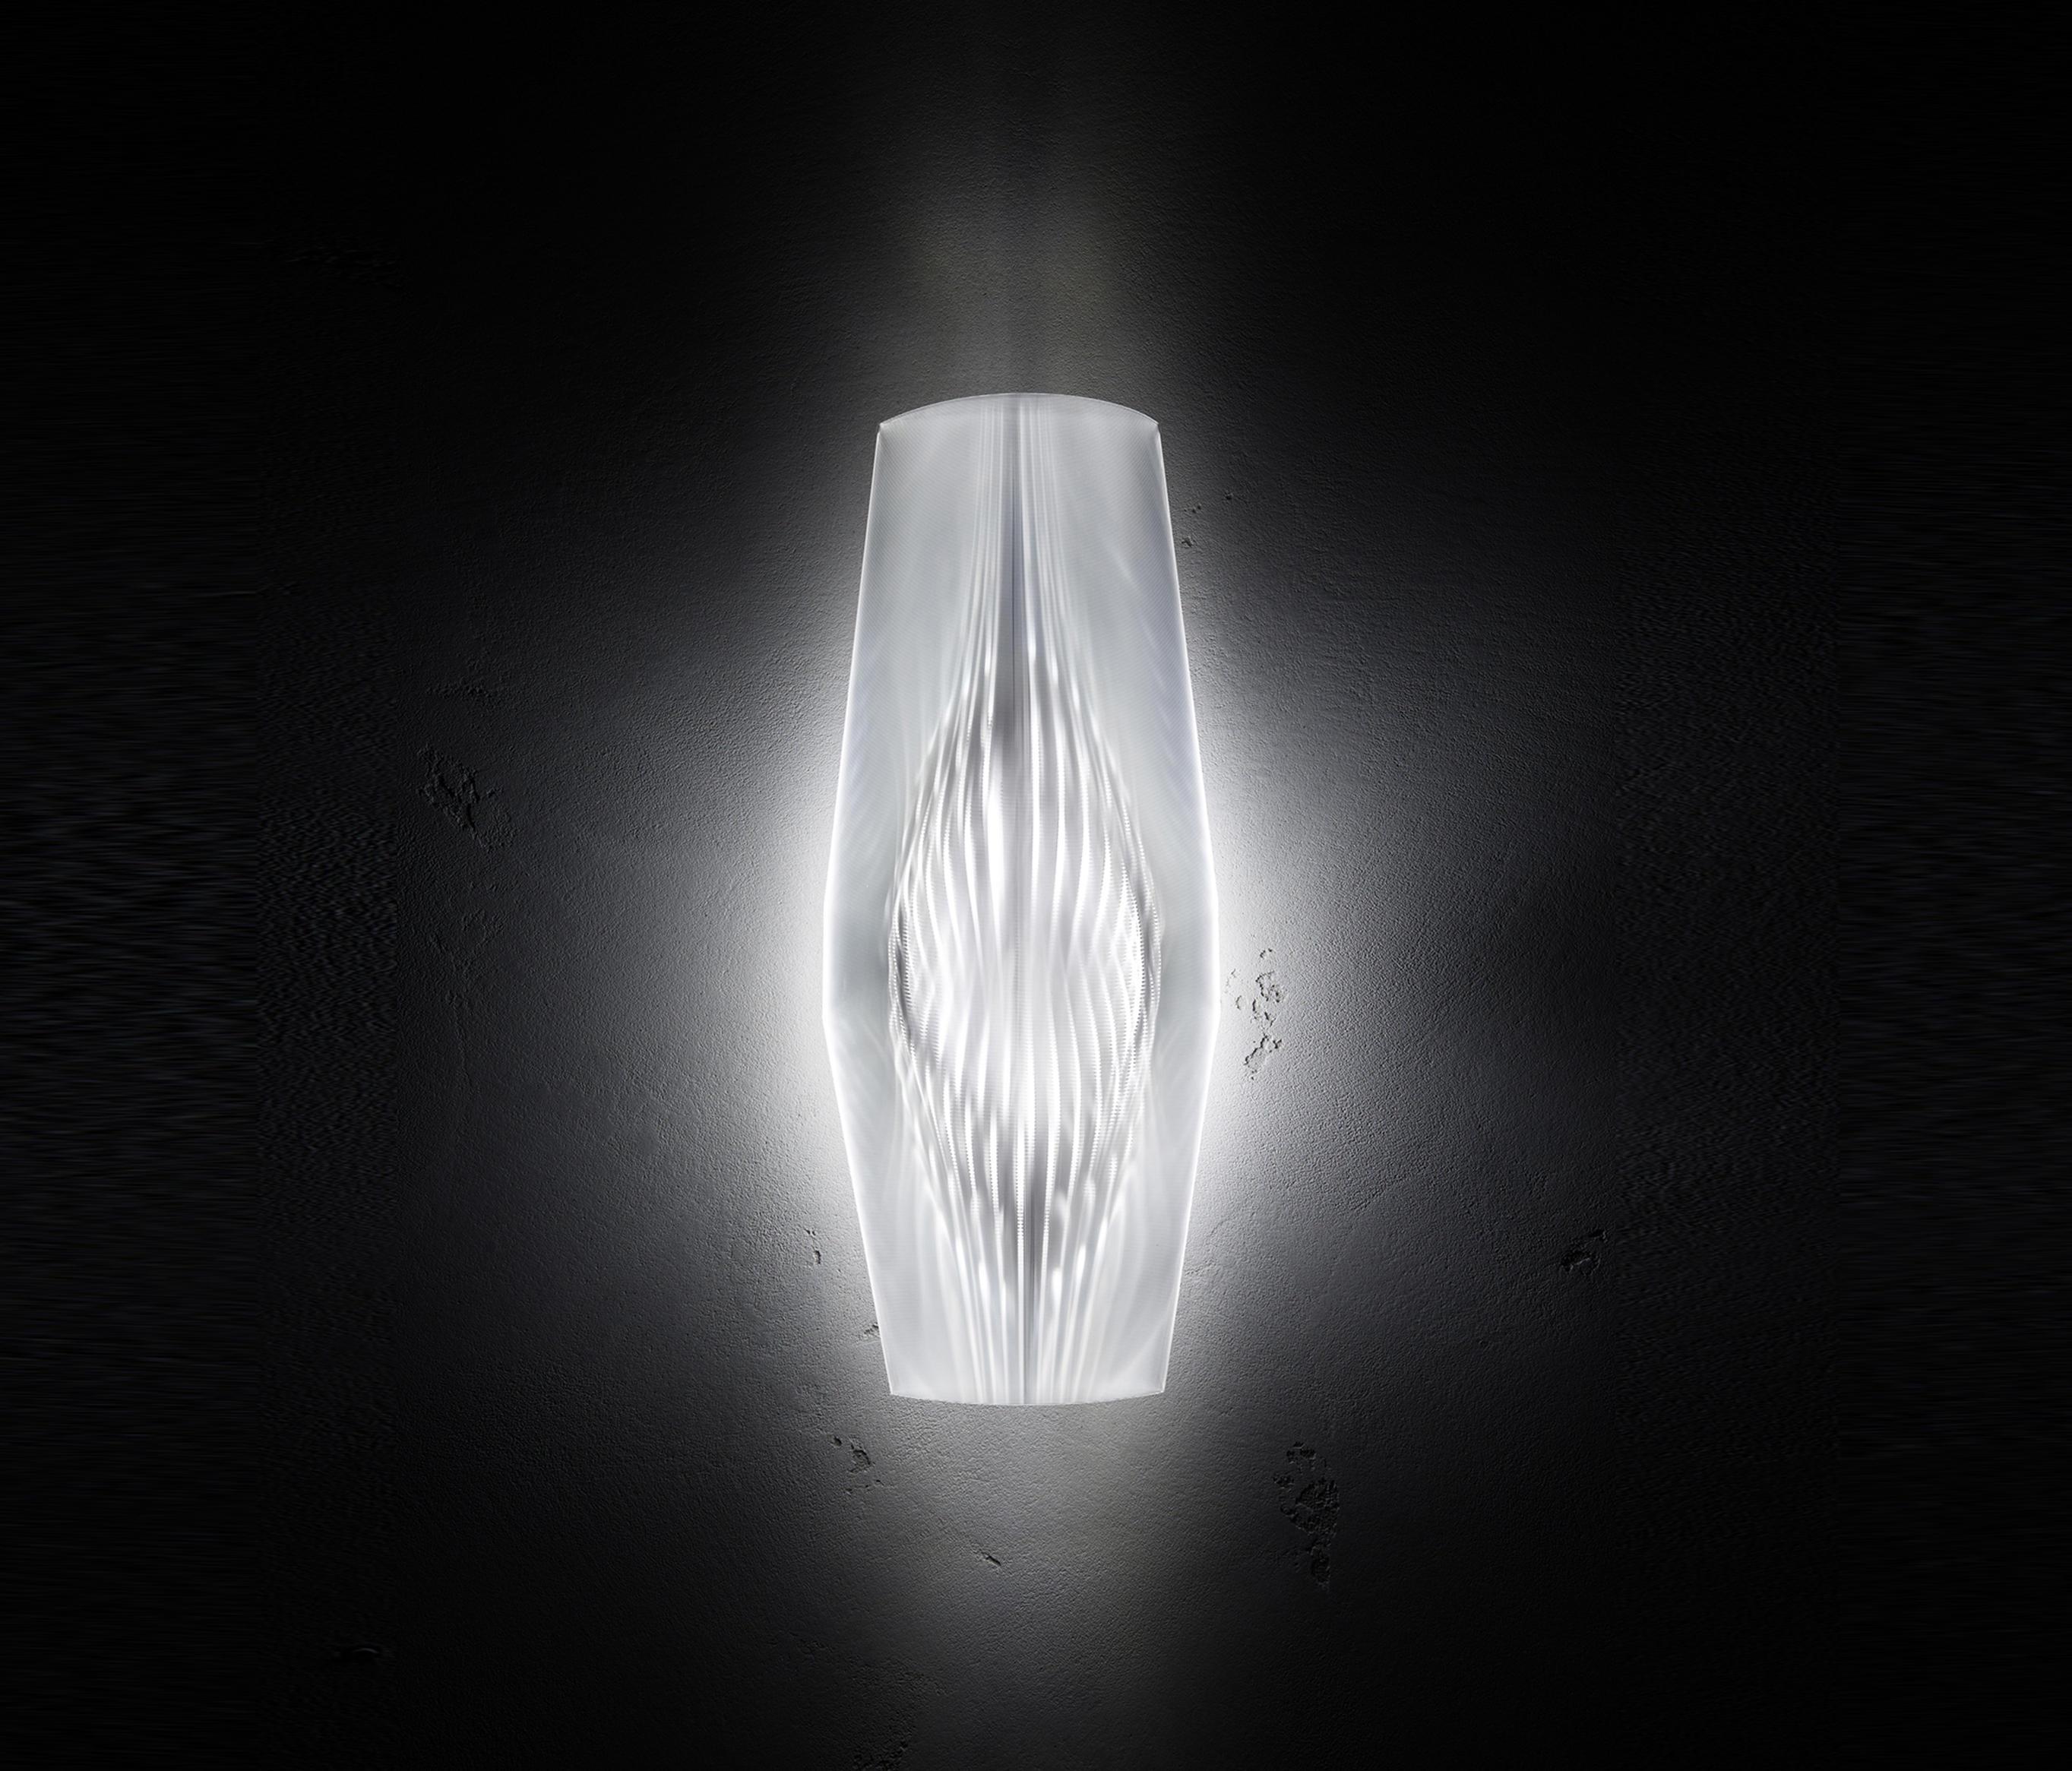 mirage-wall-prisma-wijffels-onblack-1-b